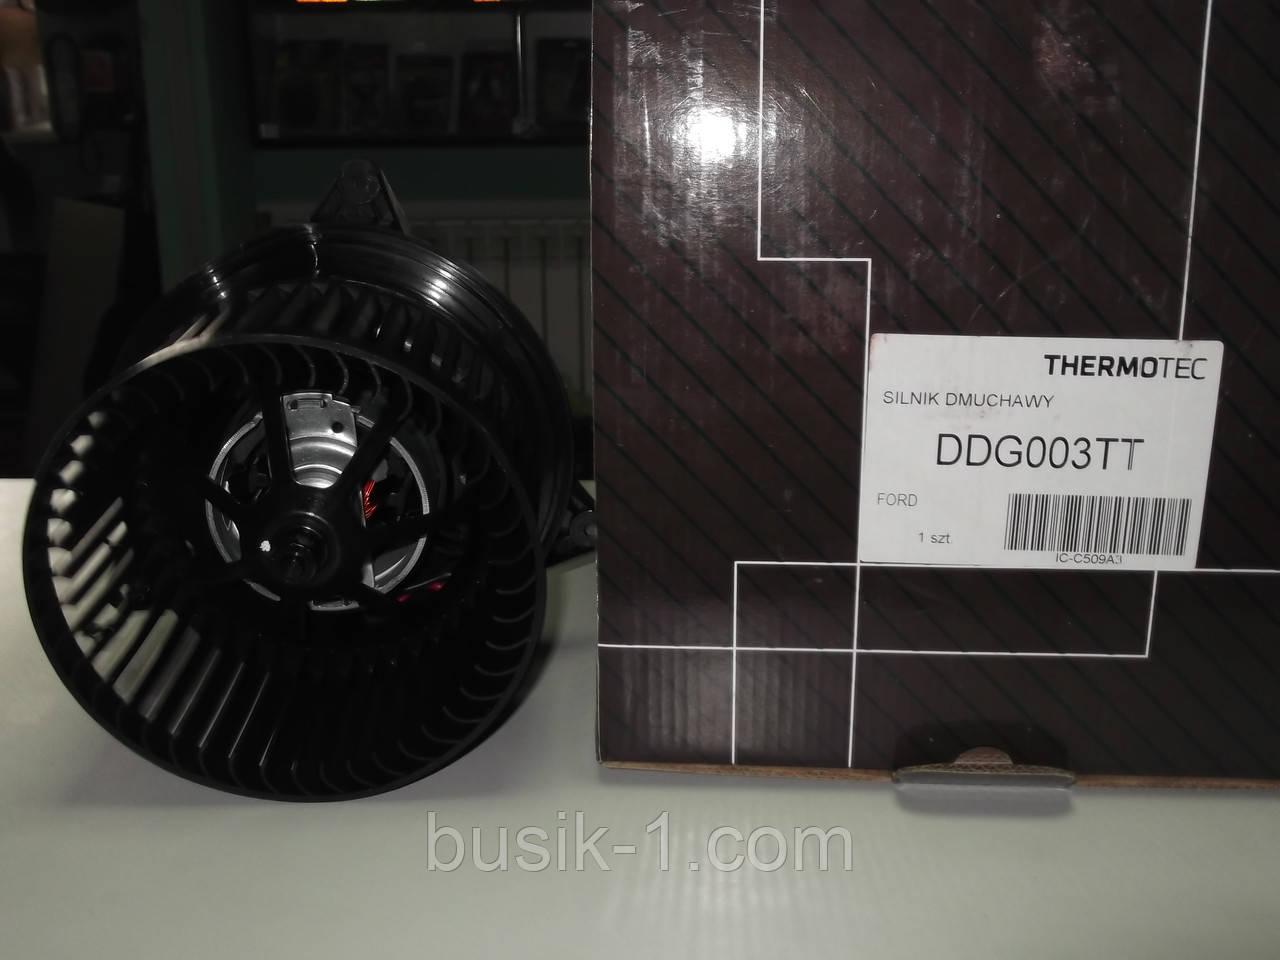 Моторчик вентилятора салонаTransit, Connekt 02-06, фото 1